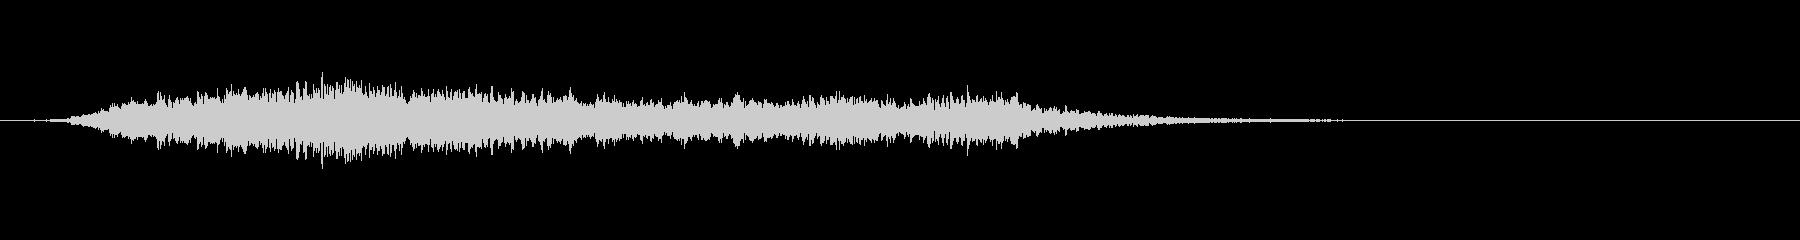 スペース降順メロディックミュージカルロゴの未再生の波形